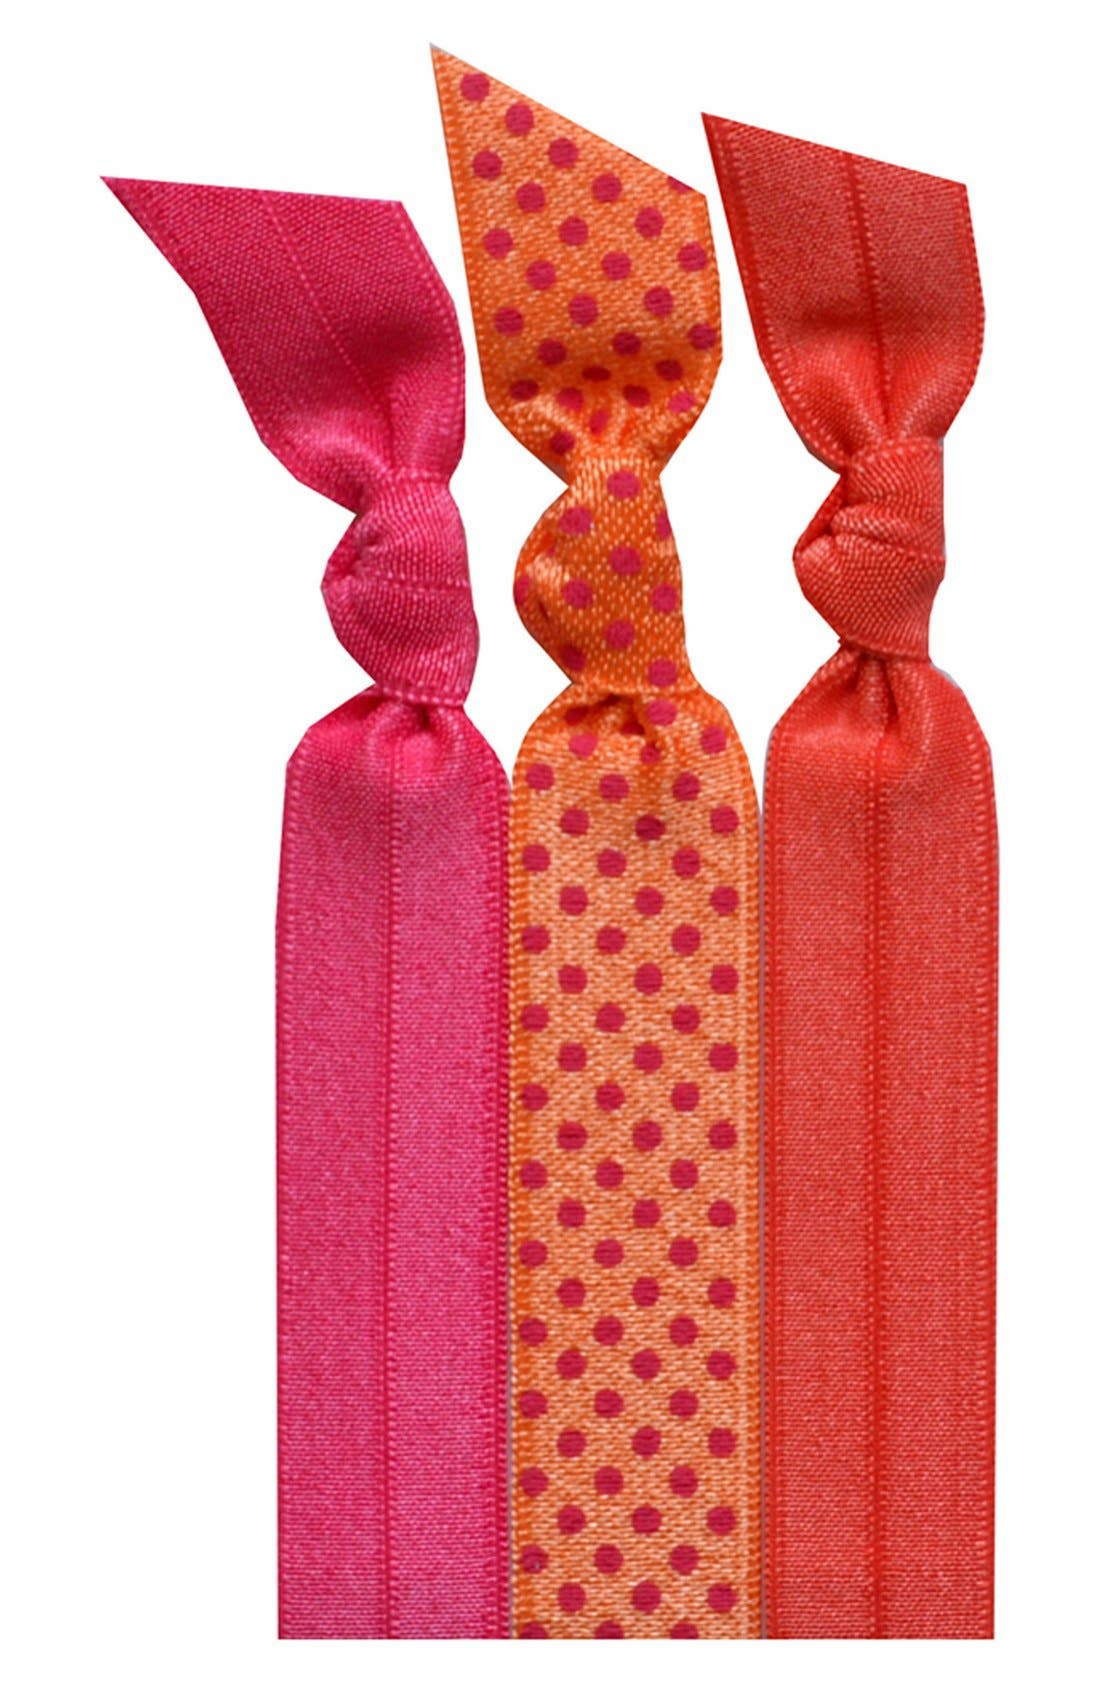 Main Image - Emi-Jay 'Orange' Hair Ties (3-Pack)